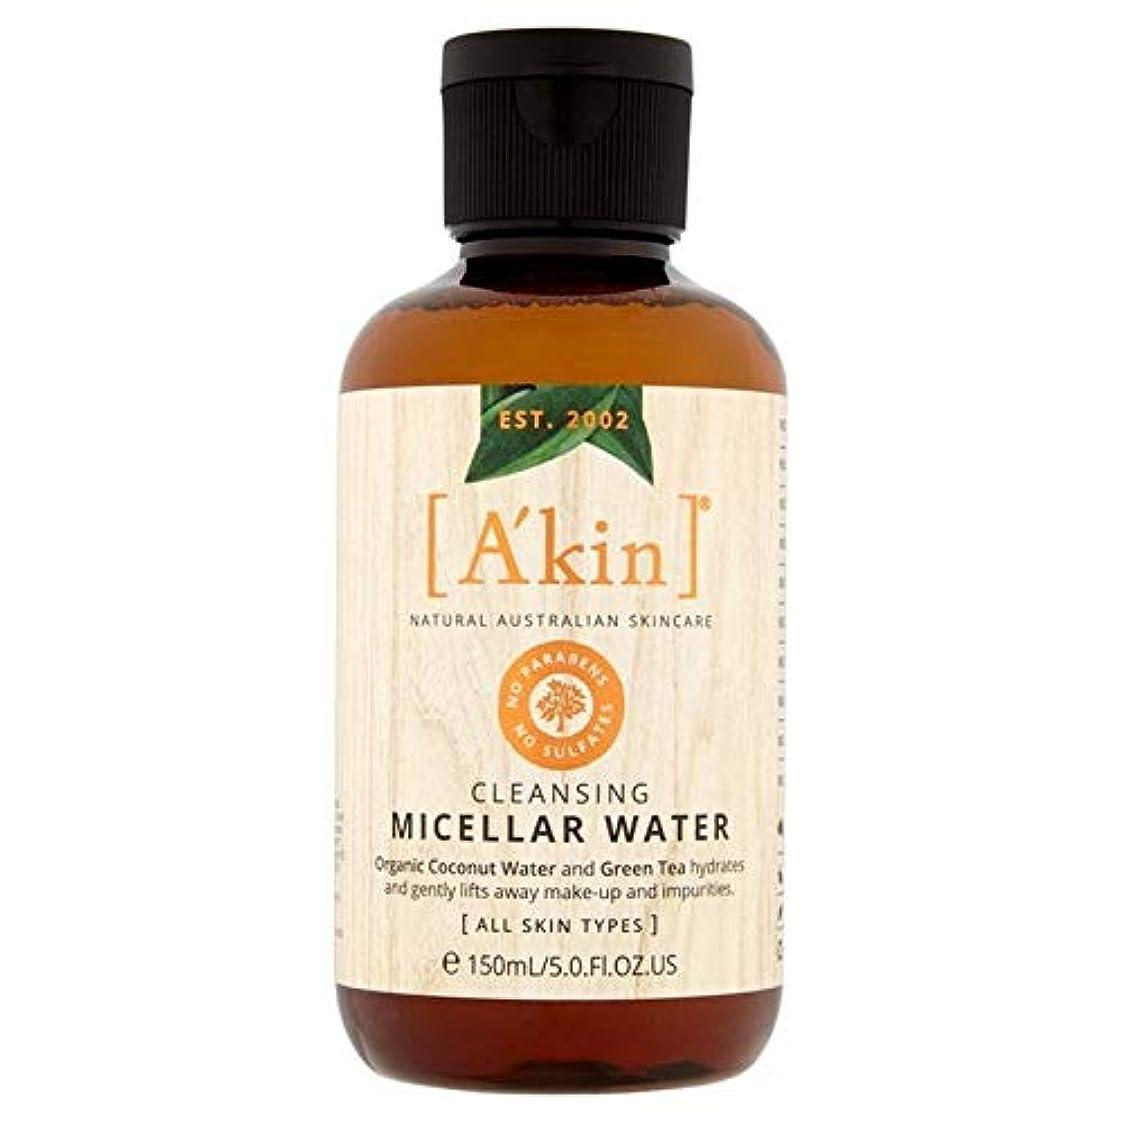 キャスト謙虚とまり木[A'kin] ミセルの水150ミリリットルクレンジングA'Kin - A'kin Cleansing Micellar Water 150ml [並行輸入品]